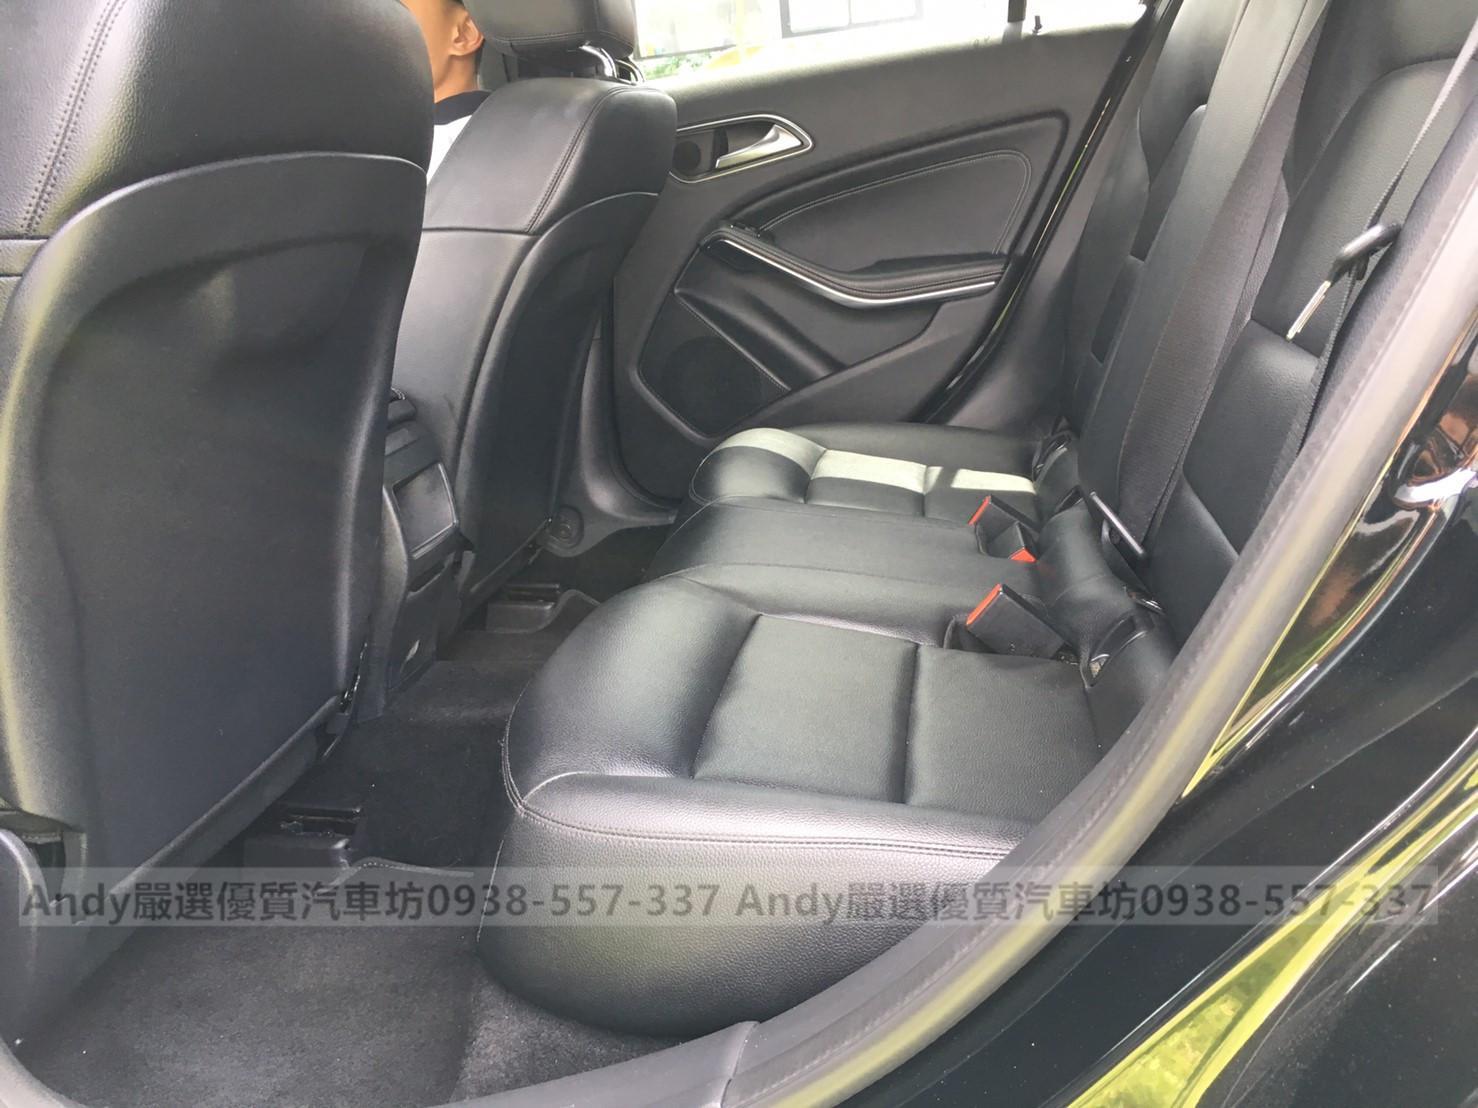 2013年 A200 黑 1.8 AMG 全景跑7萬 熱門車中古車二手車